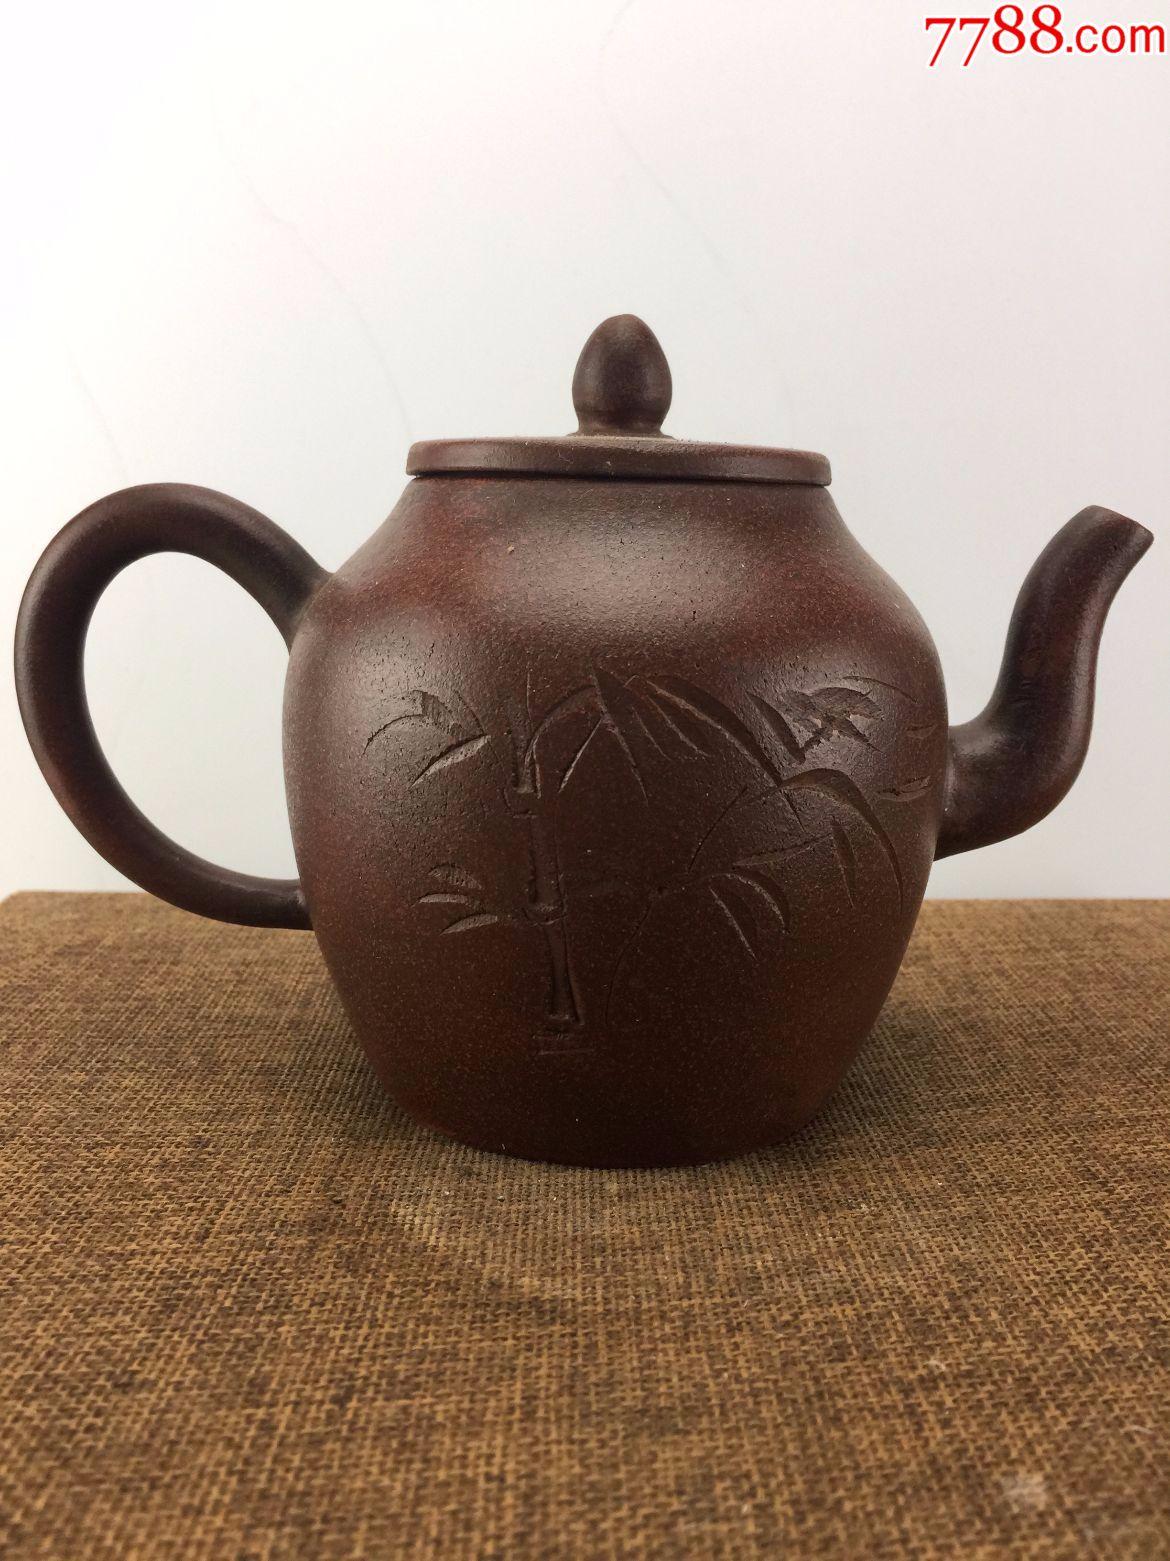 ahungse_乡下收来的竹叶诗词老茶壶a-se53668328-紫砂壶-零售